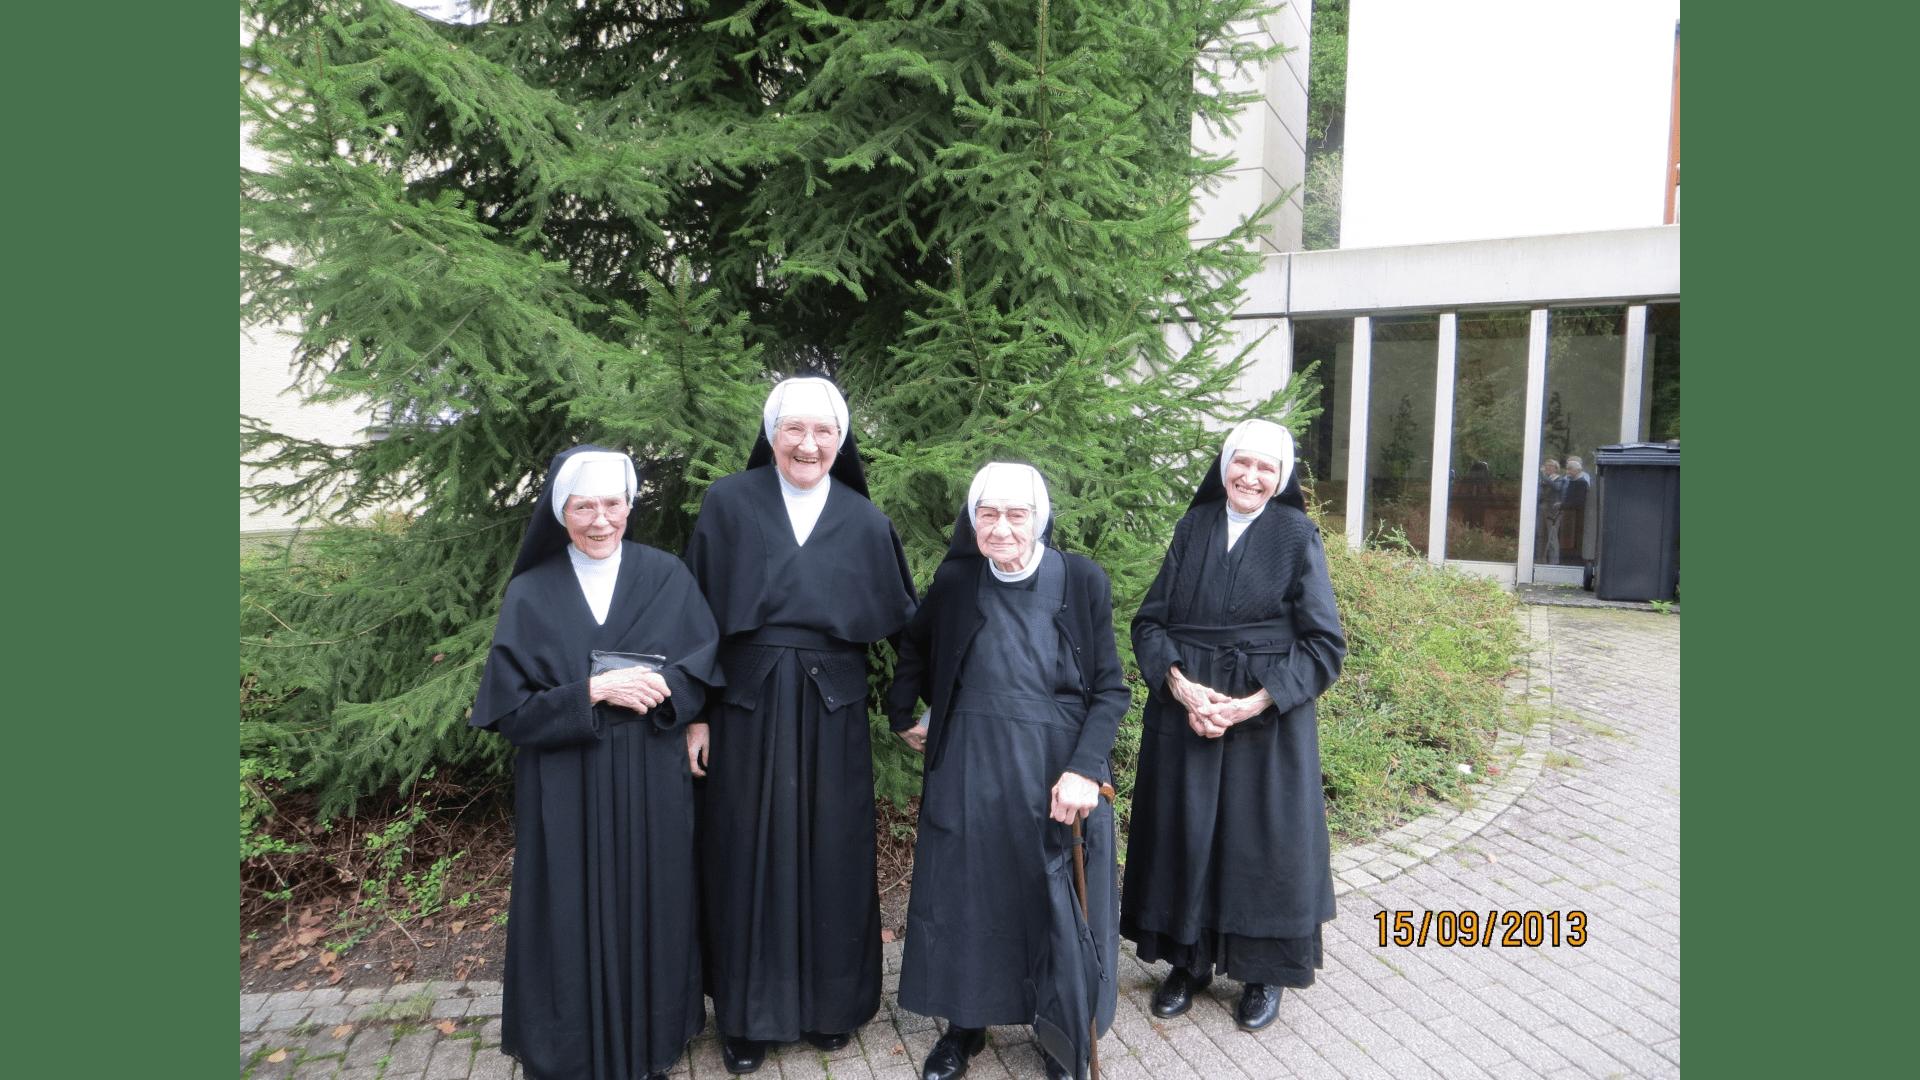 Die noch lebenden Schwestern  2013. Foto: Archiv Arme Schulschwestern